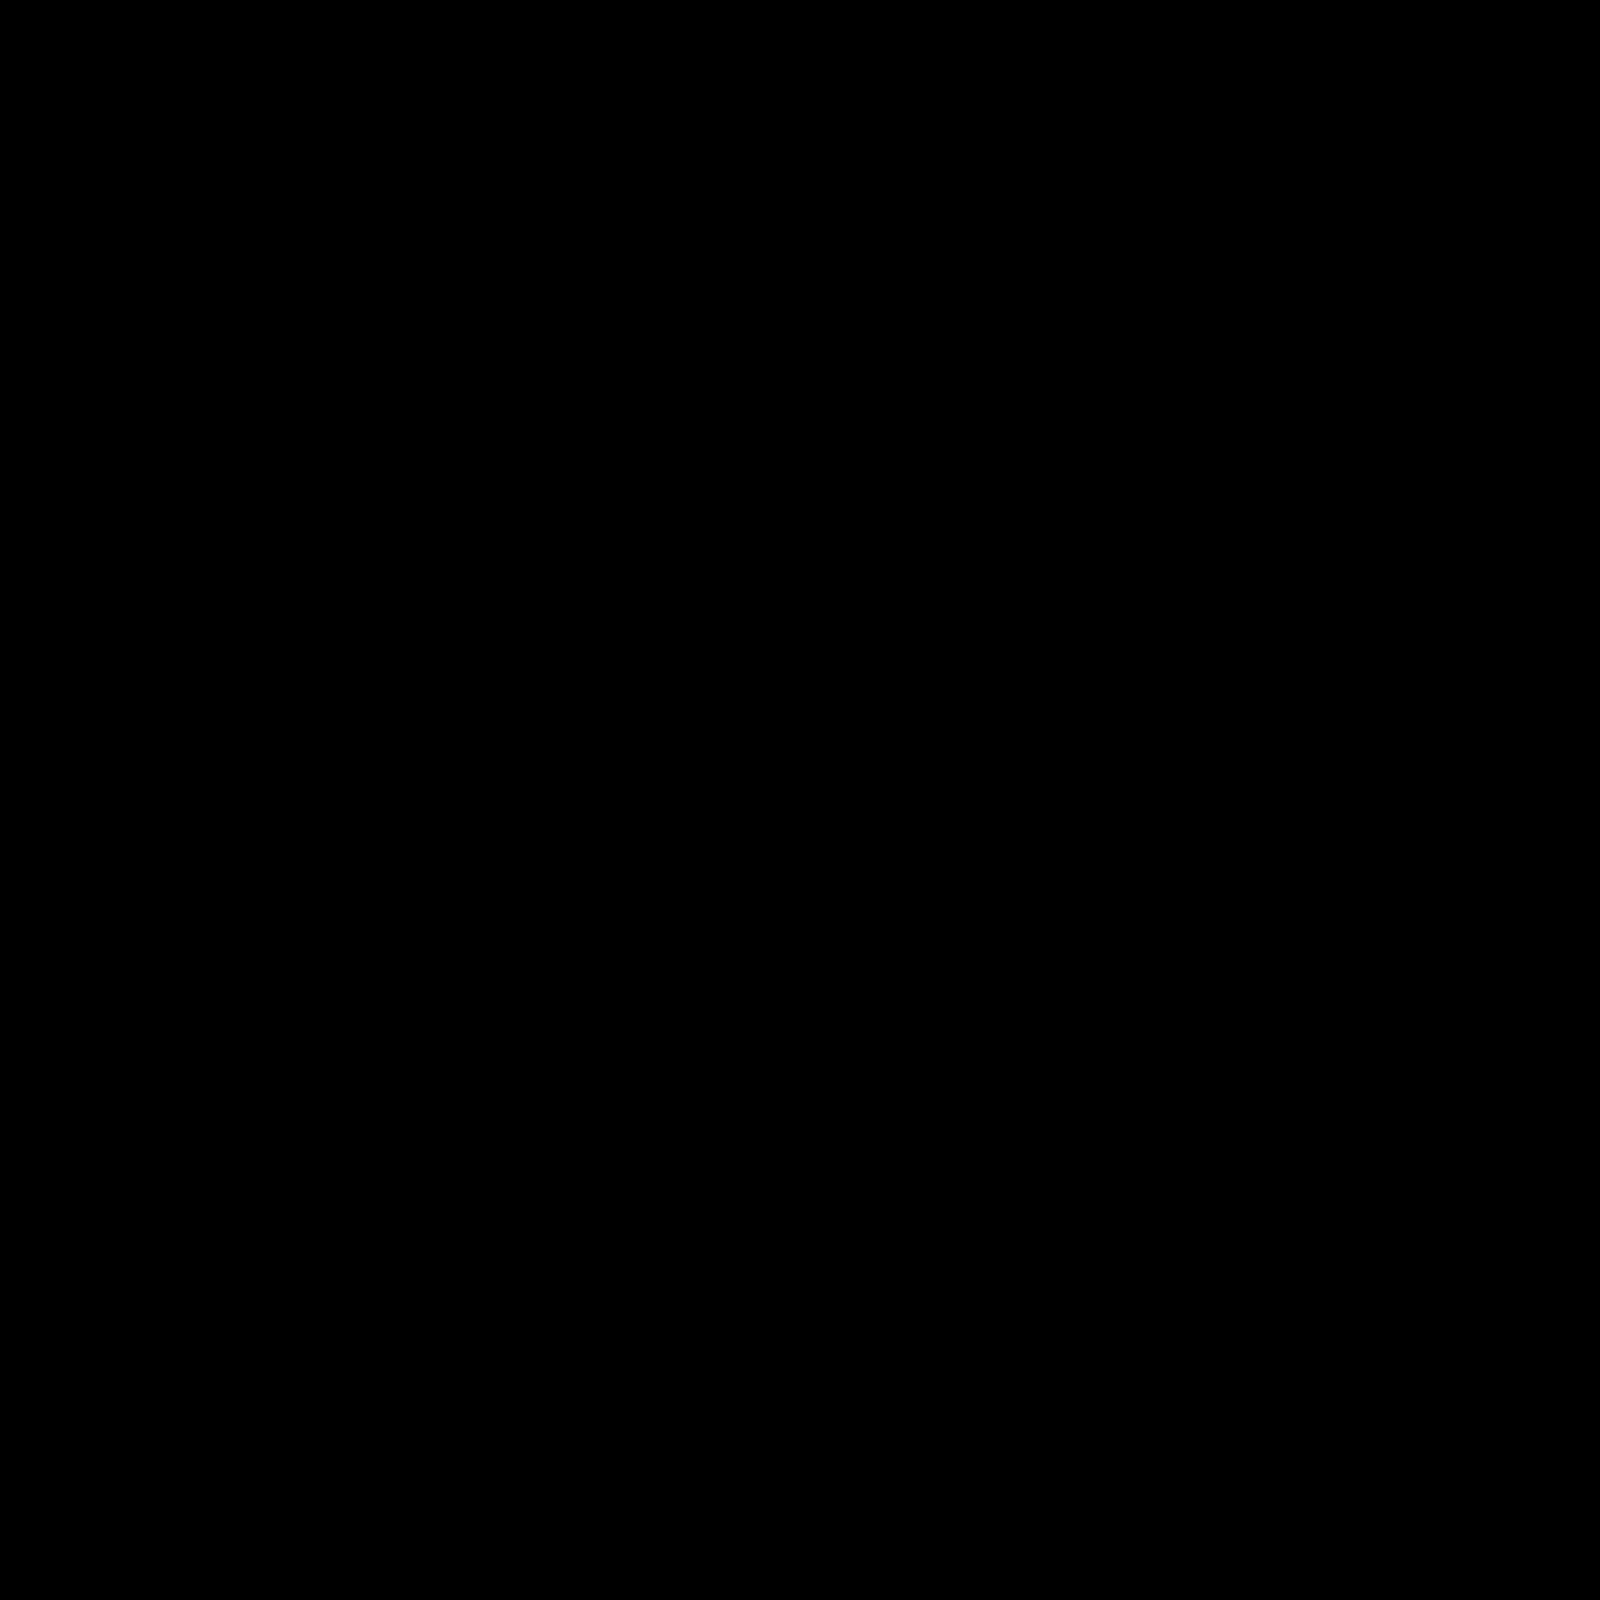 Xxl Kleurplaat A3 Kostenlose Malvorlagen F 252 R Erwachsene Zum Ausdrucken